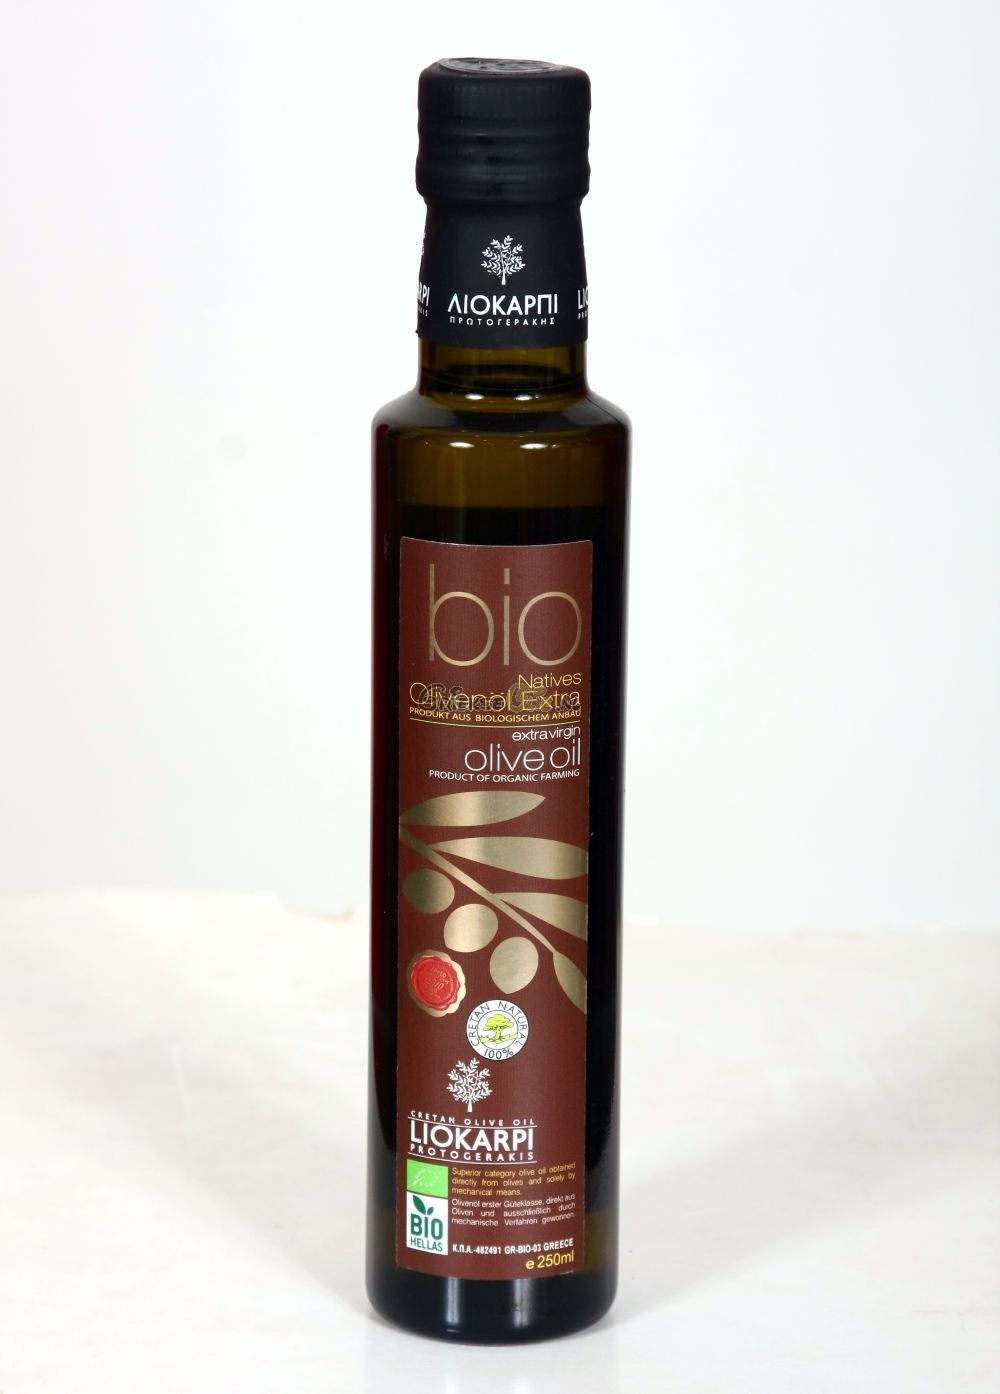 Biologische Extra Vergine Olijfolie uit Kreta 0.25 liter in fles - oogst 2019-2020